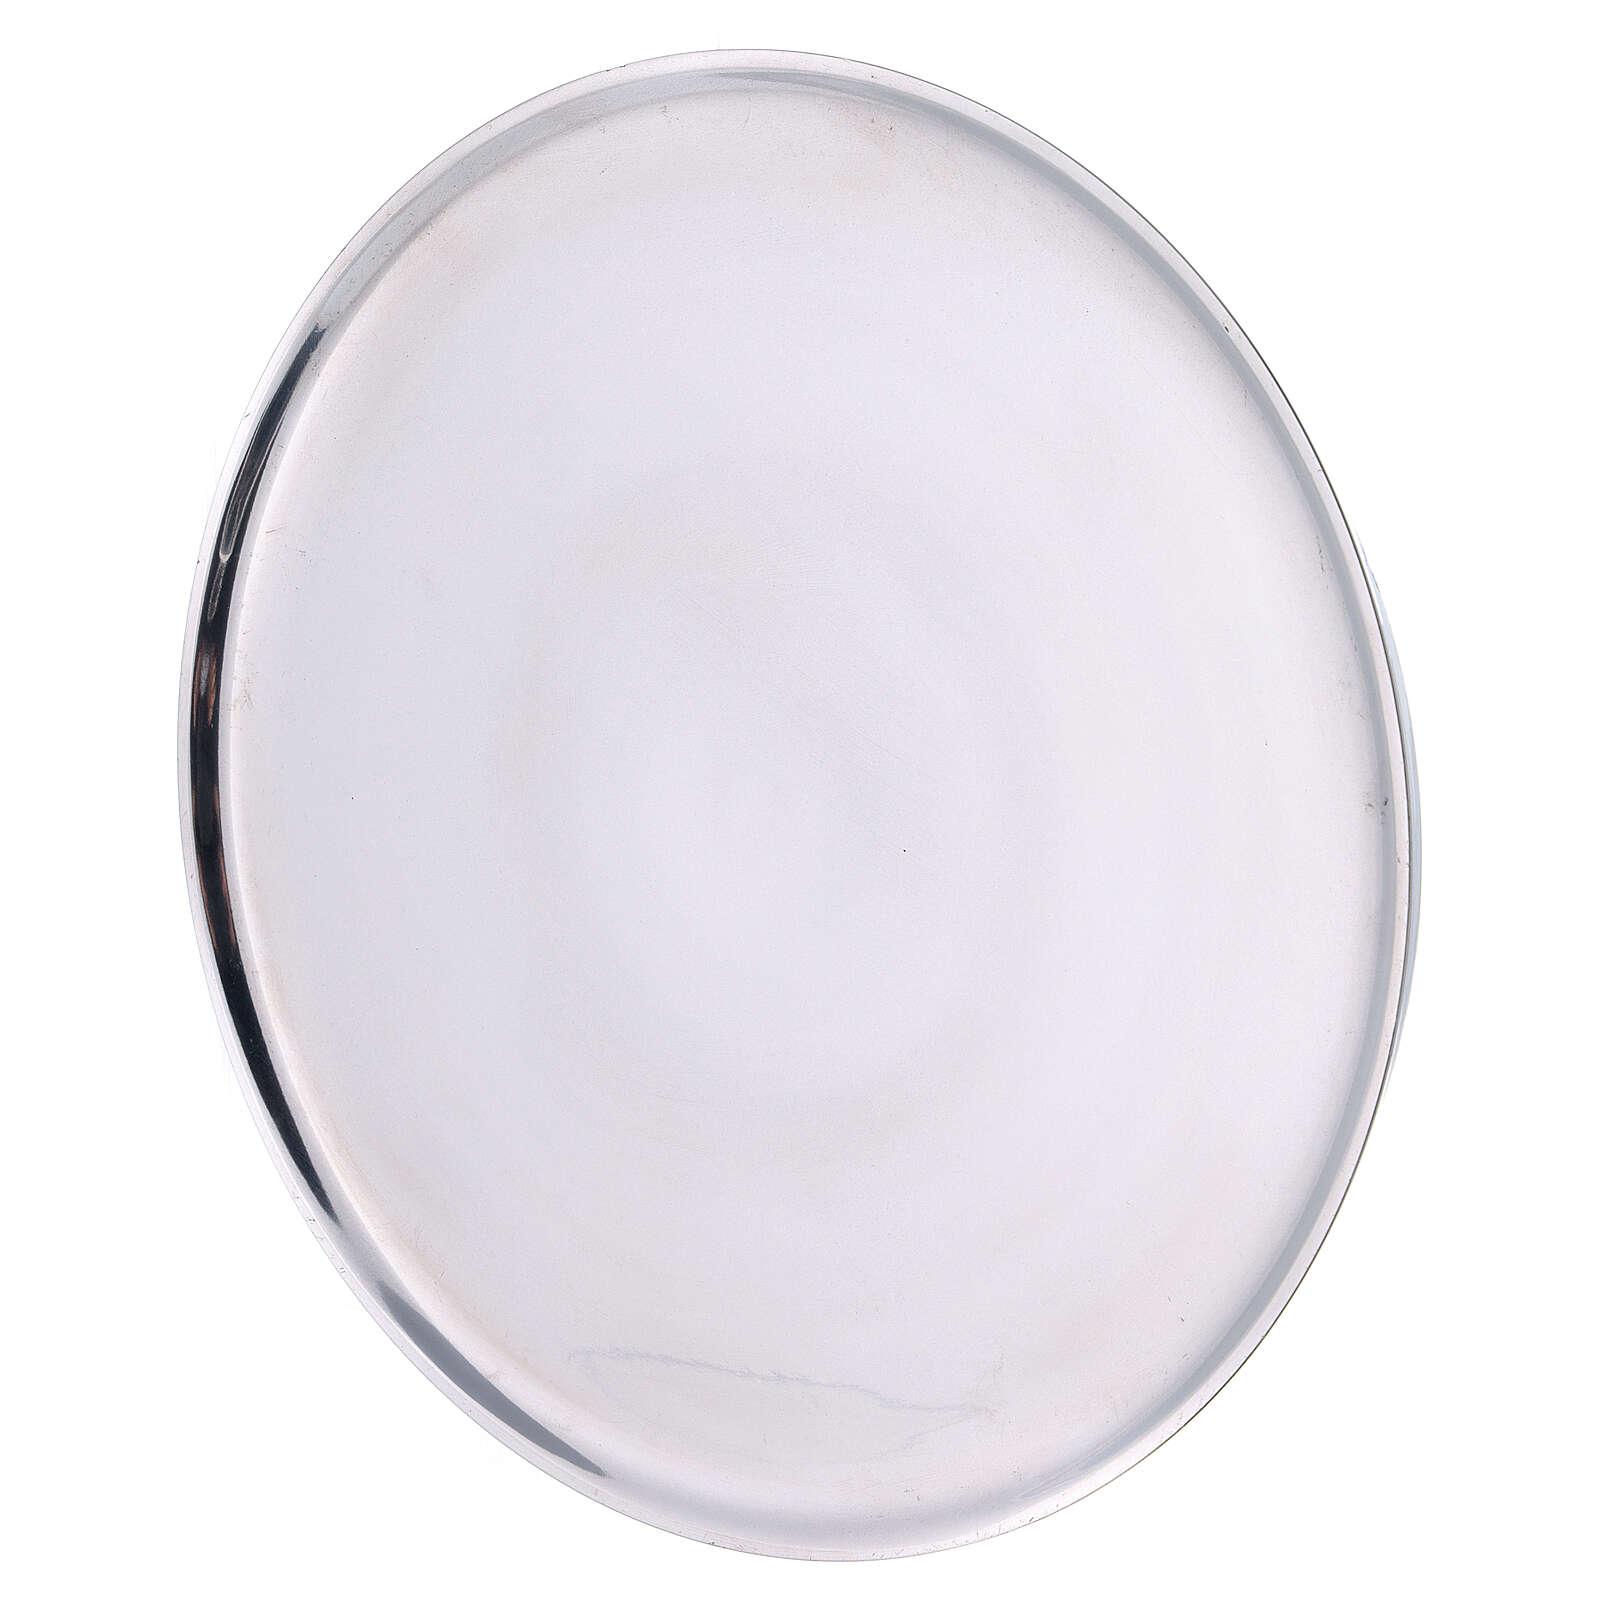 Aluminium candle holder plate 8 1/4 in raised edge 3